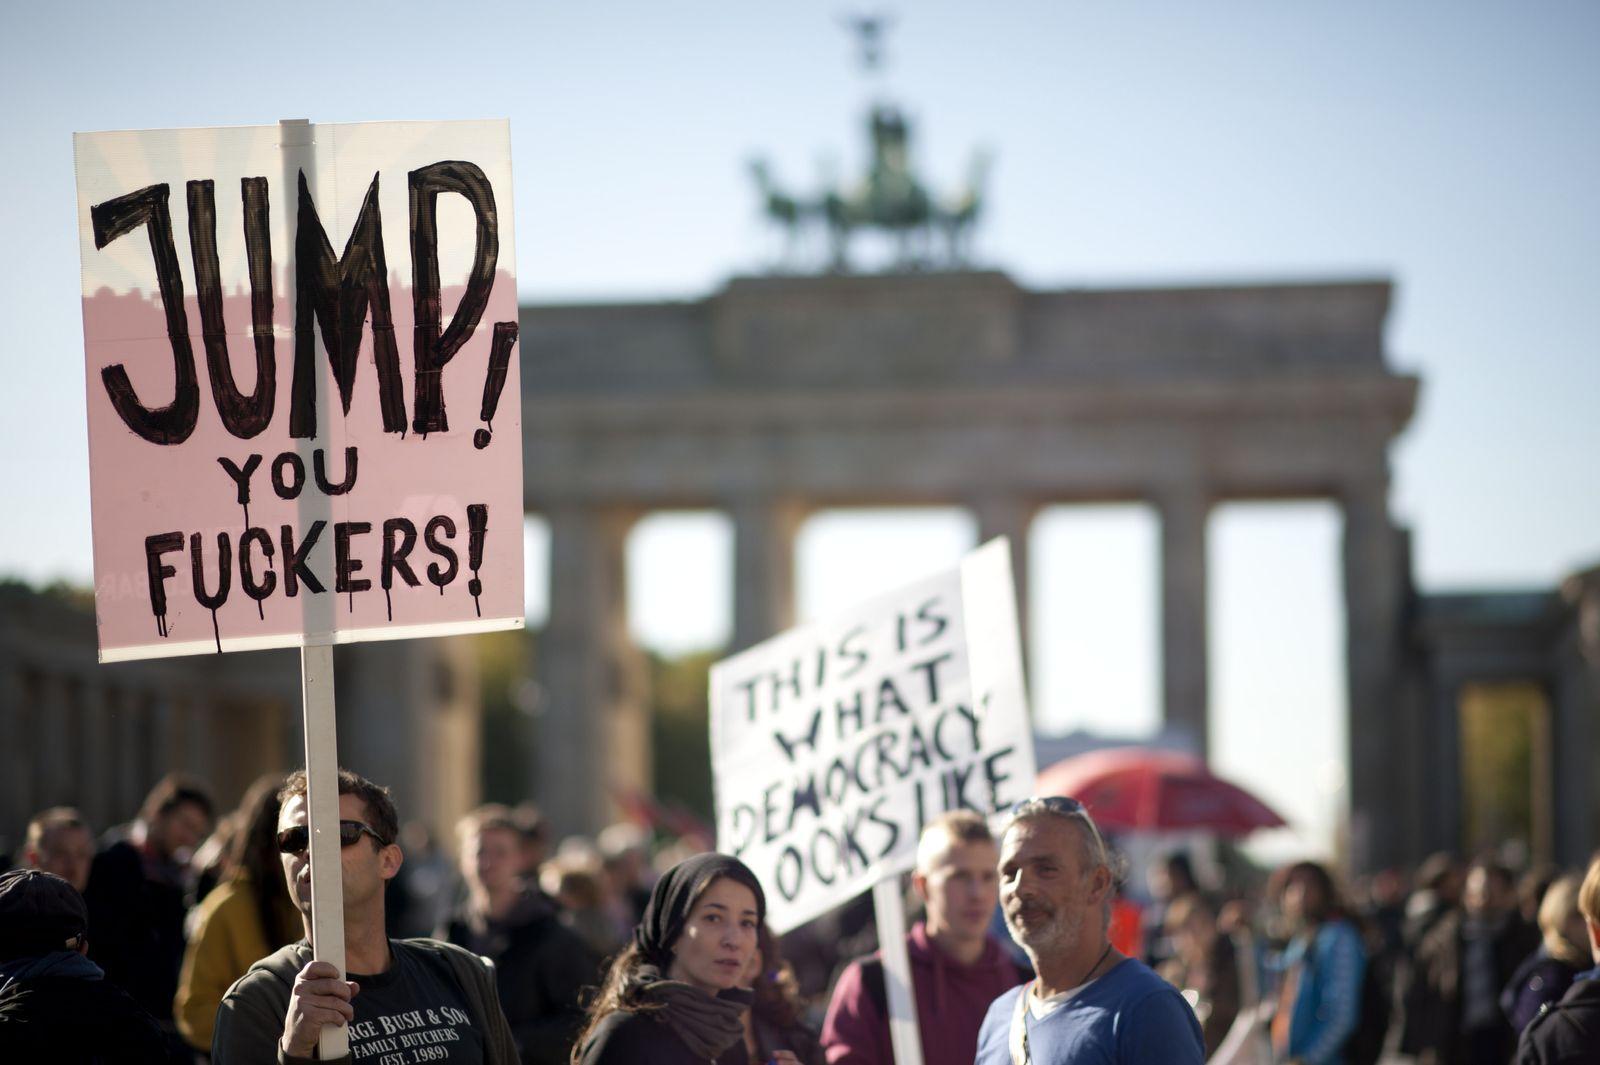 NICHT VERWENDEN Aktionen/Banken/Demonstrationen/Finanzen/Globalisierung